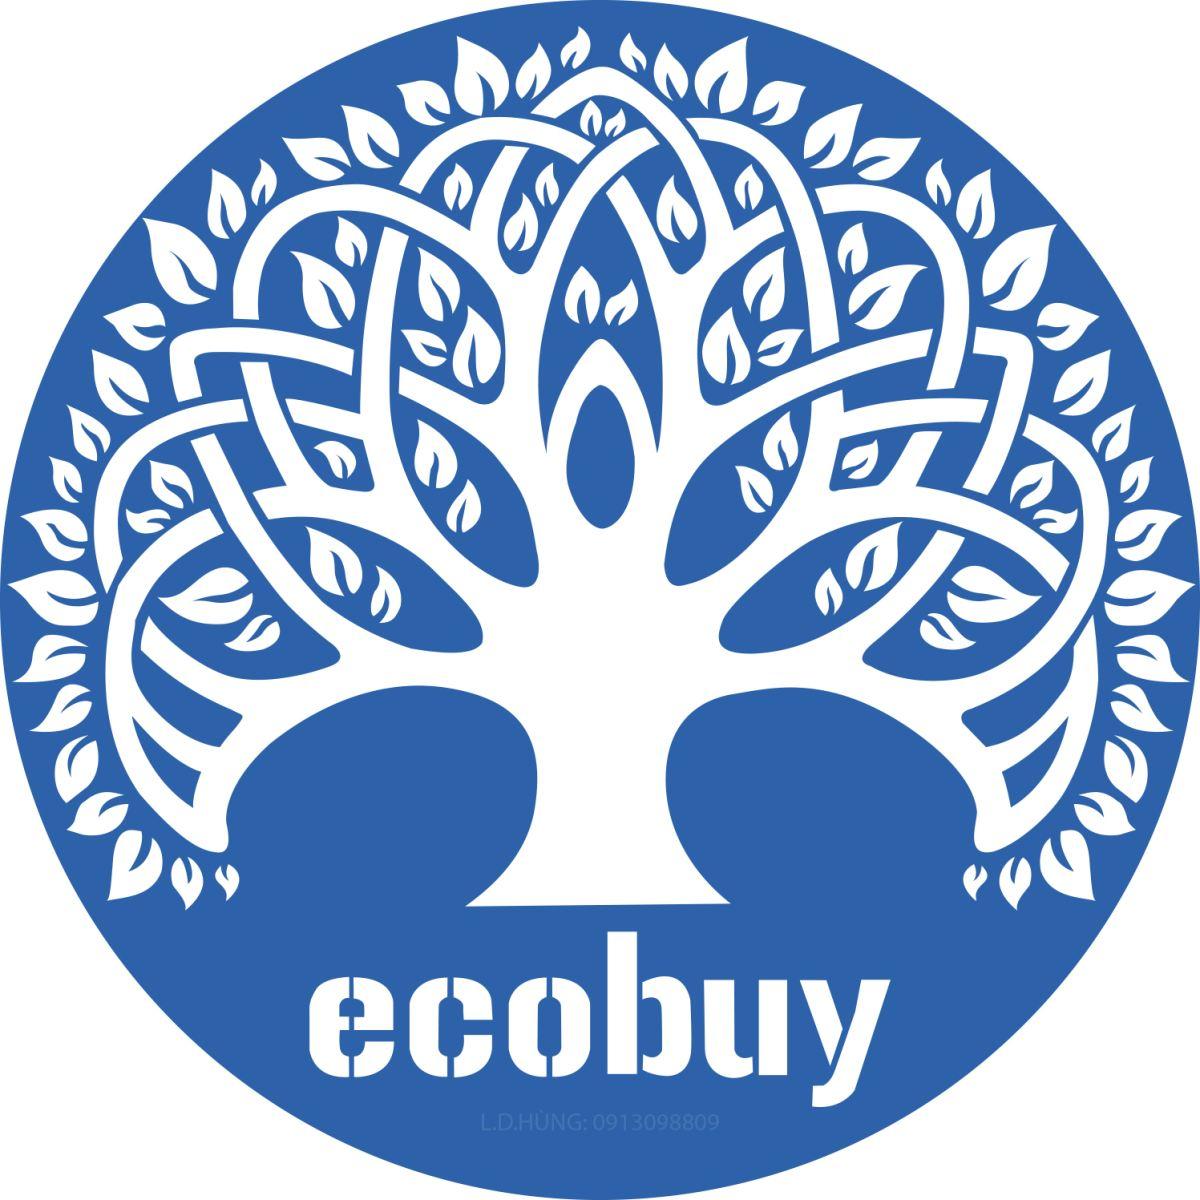 Ecobuy